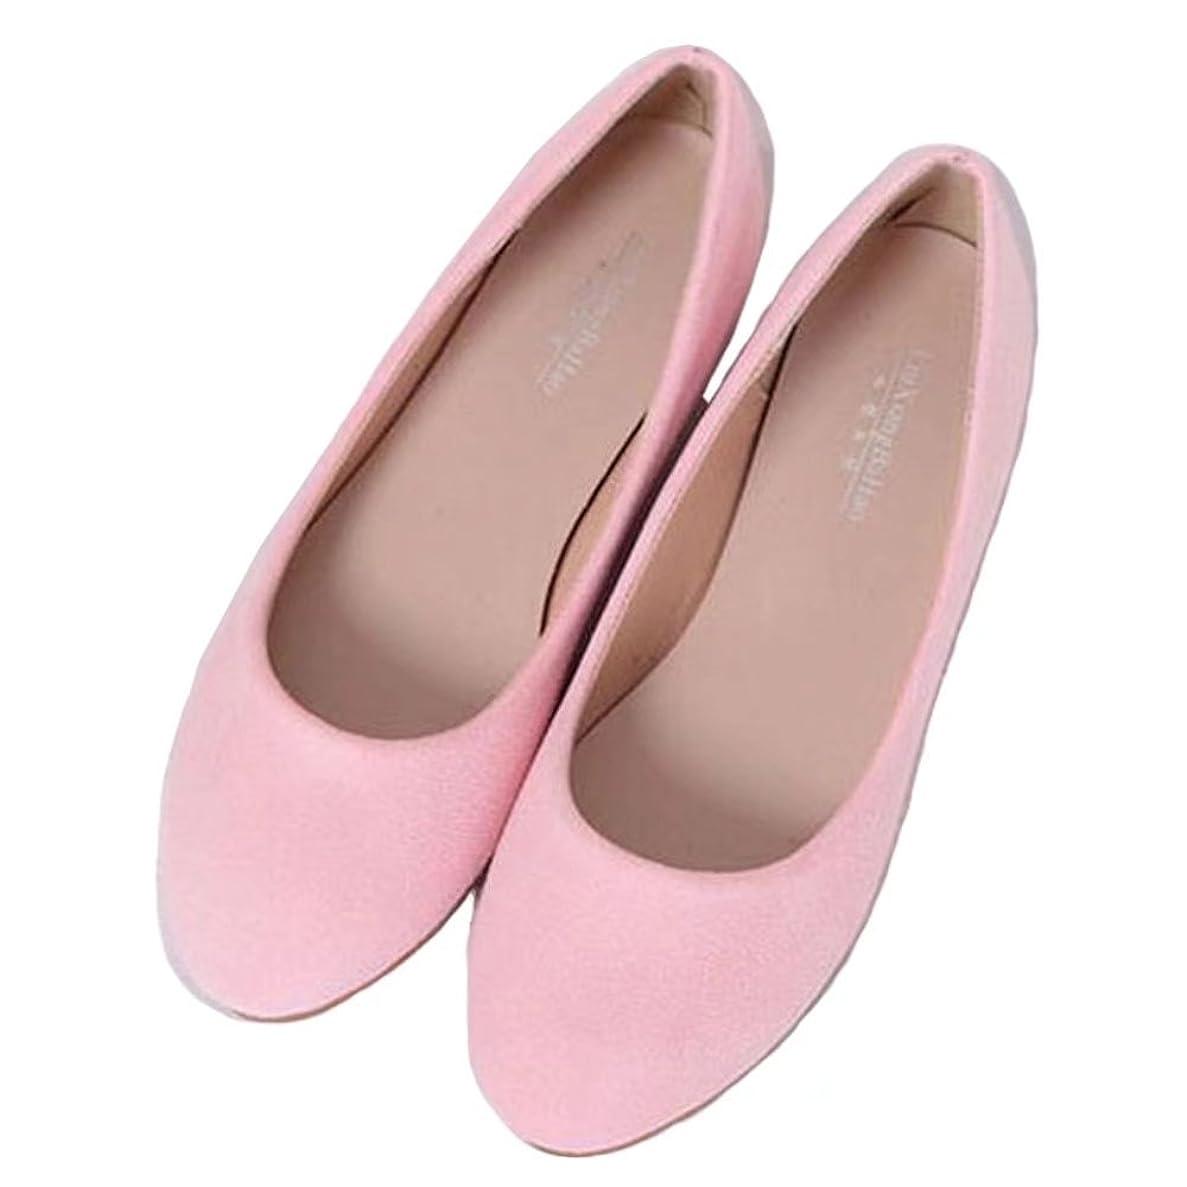 算術バッジ貫通する【ユウエ】パンプス レディース フラットパンプス ローファー ローヒール ぺたんこ フラットシューズ 婦人靴 大きいサイズ 痛くない 014-xz-668-1(34 ピンク)